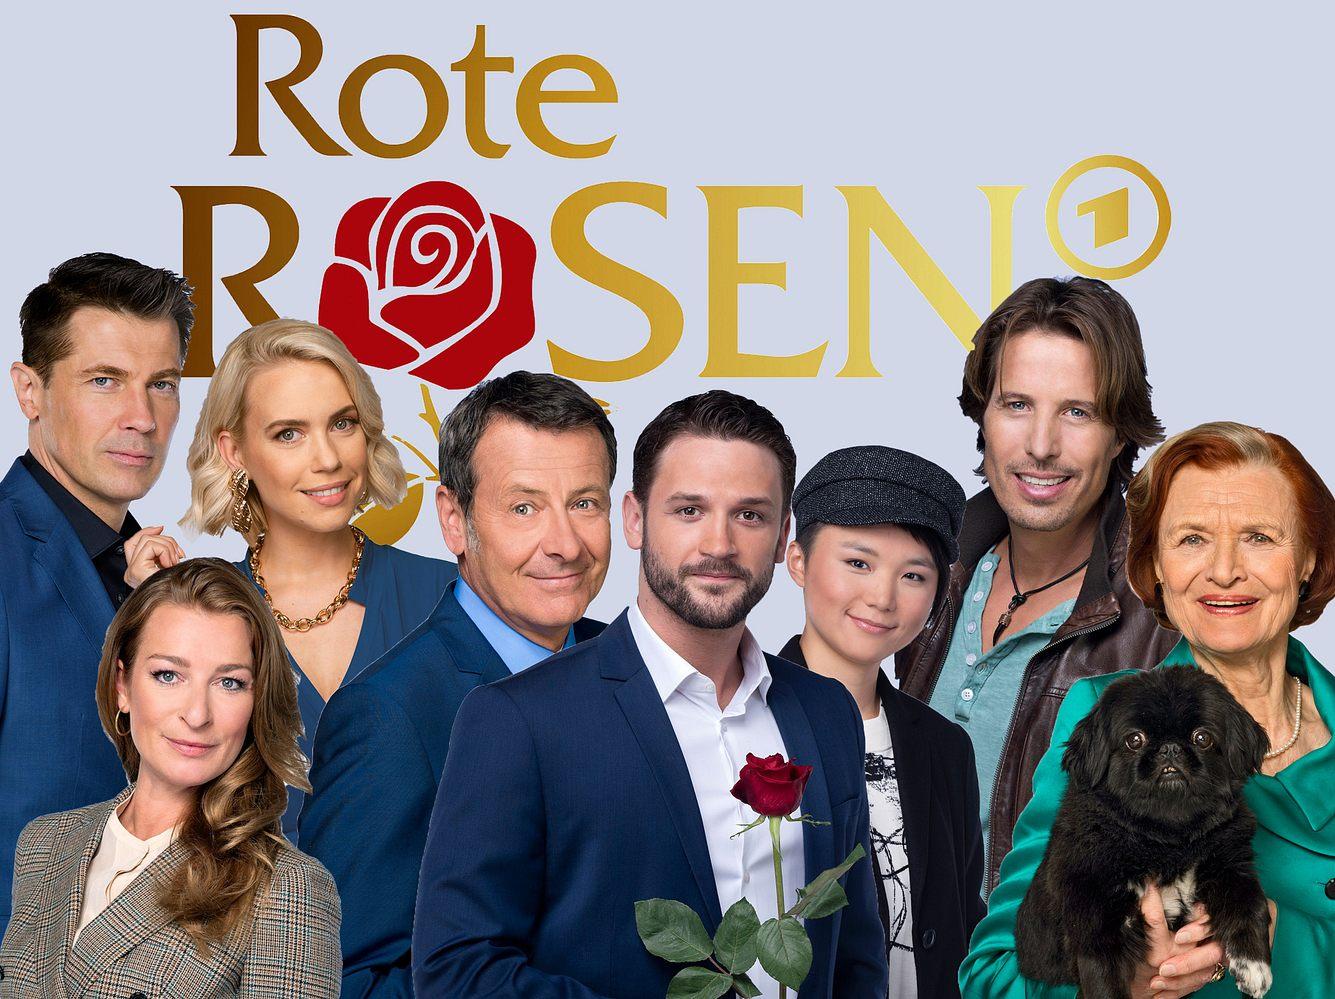 'Rote Rosen'-Darsteller vor dem Logo in einer Fotomontage.